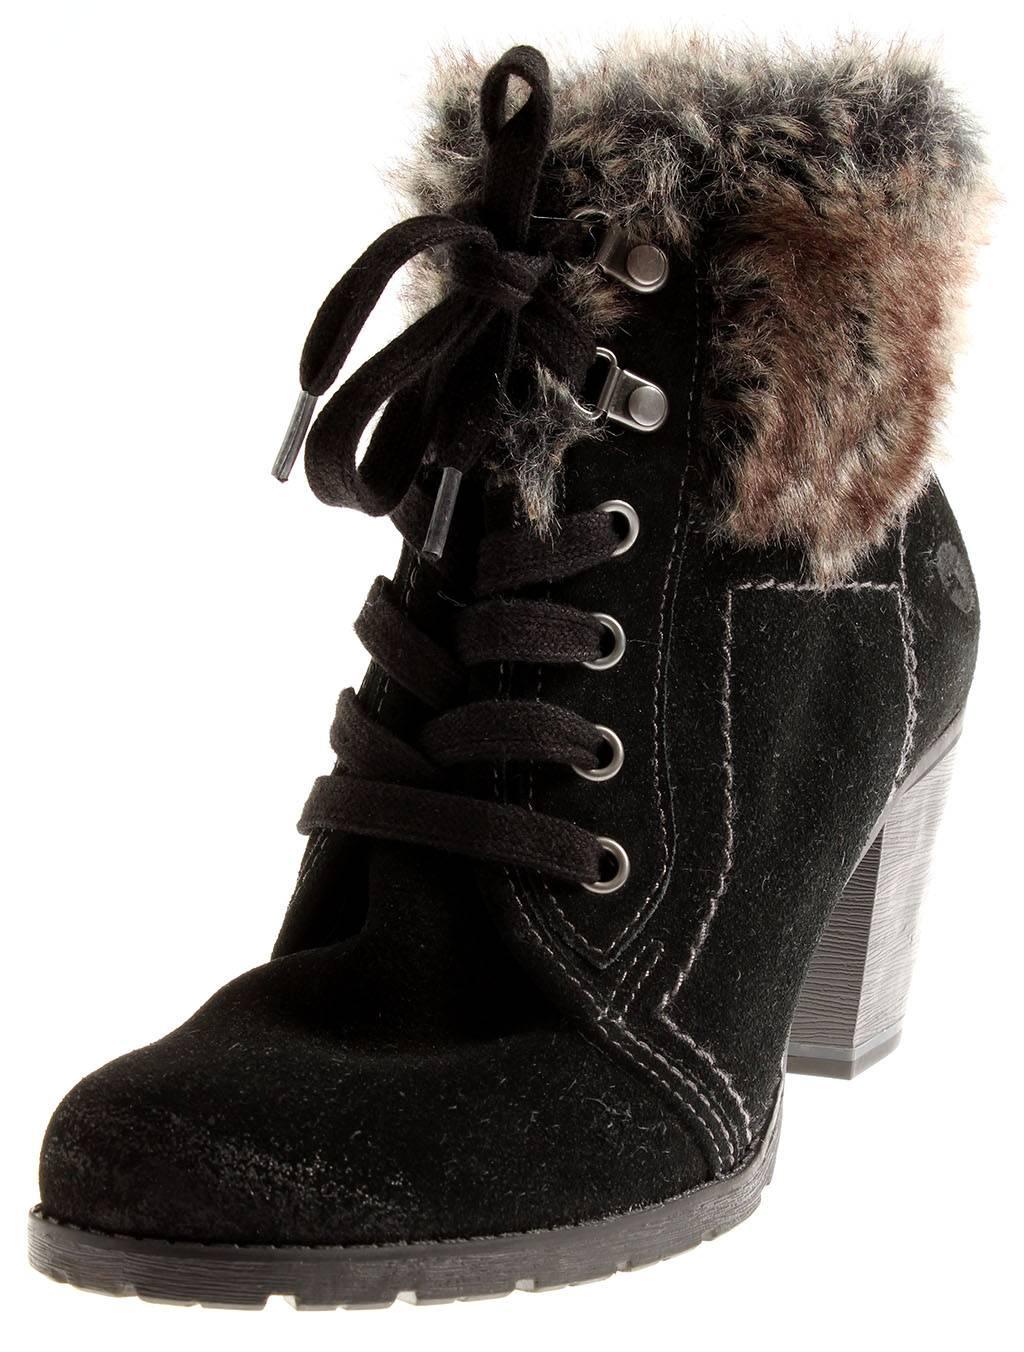 e4f3b75ae Tamaris Mujer 1-25230 Botines Stiefel Corto Zapatos Mujer Botas Cuero